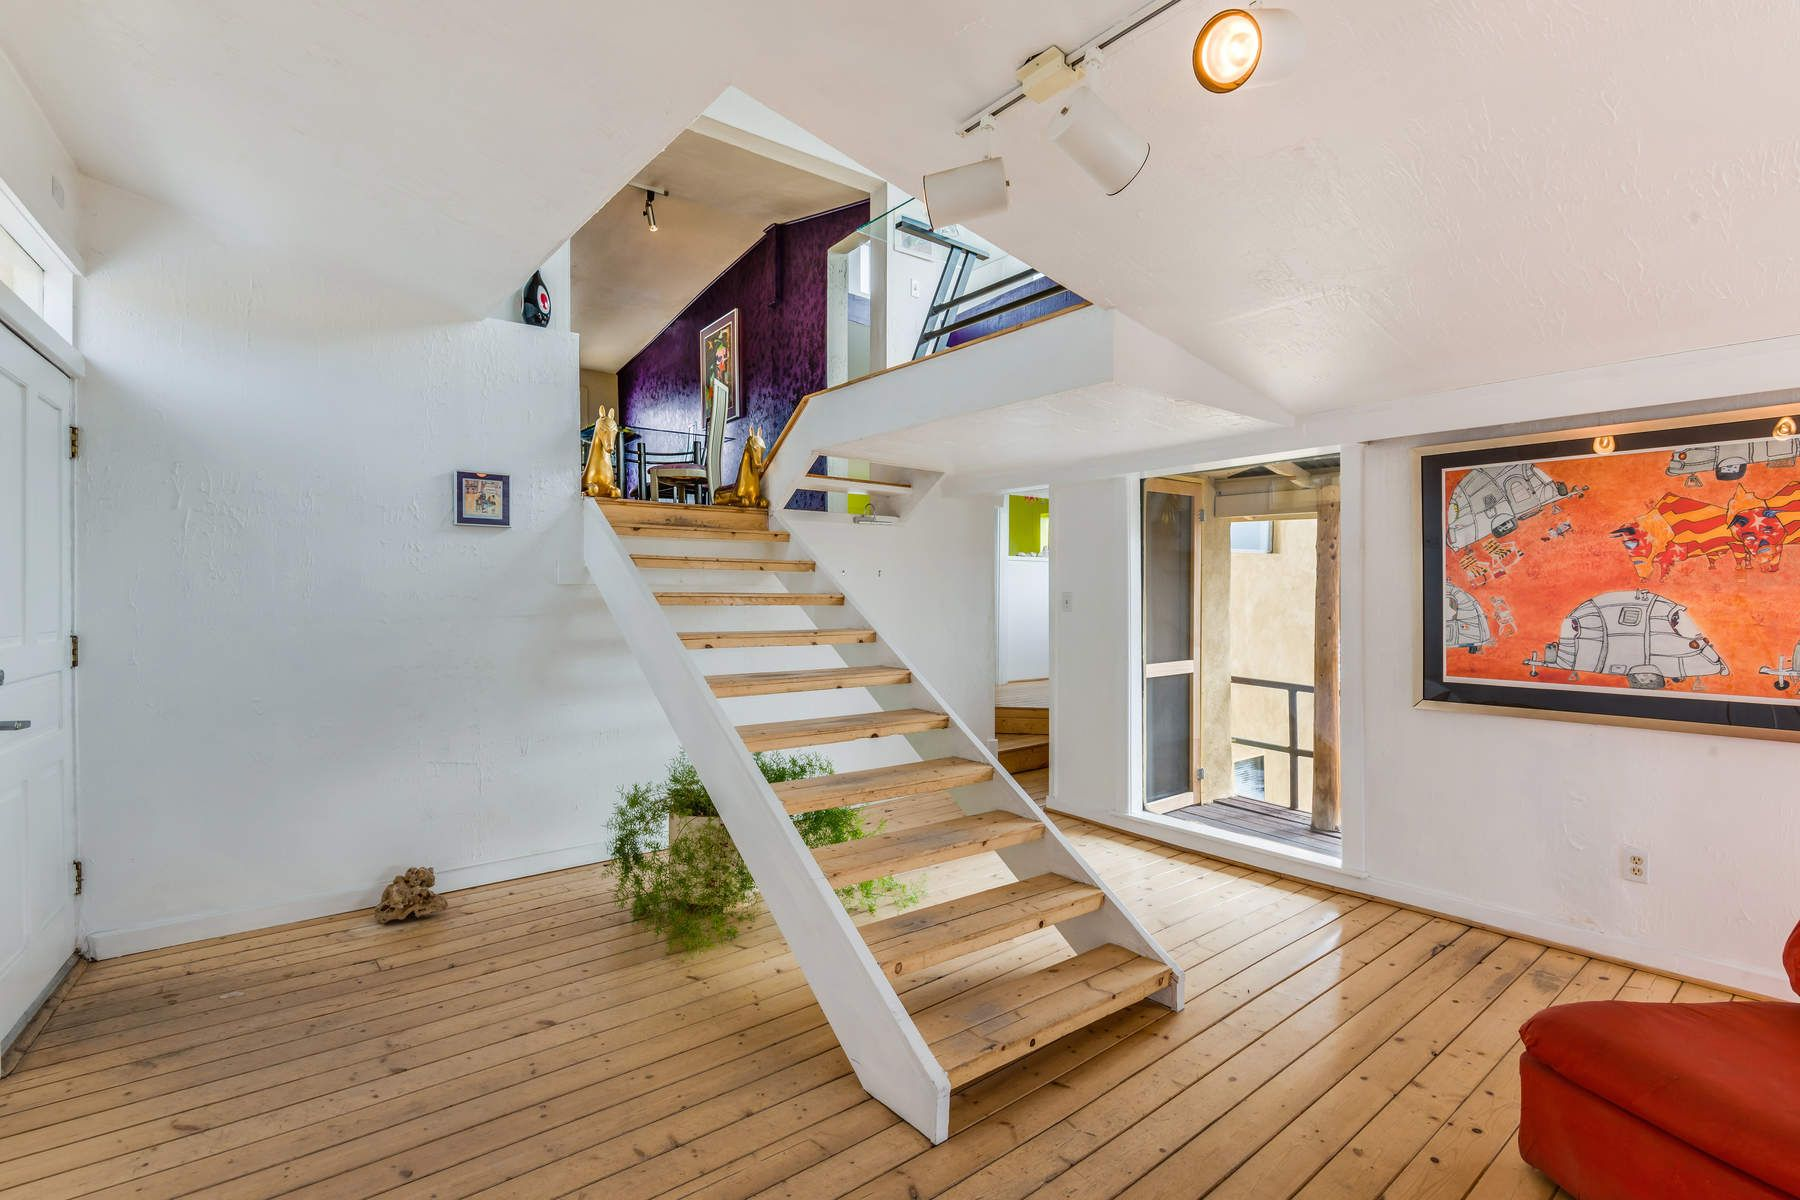 独户住宅 为 销售 在 95 County Road 75 Truchas, 新墨西哥州, 87578 美国